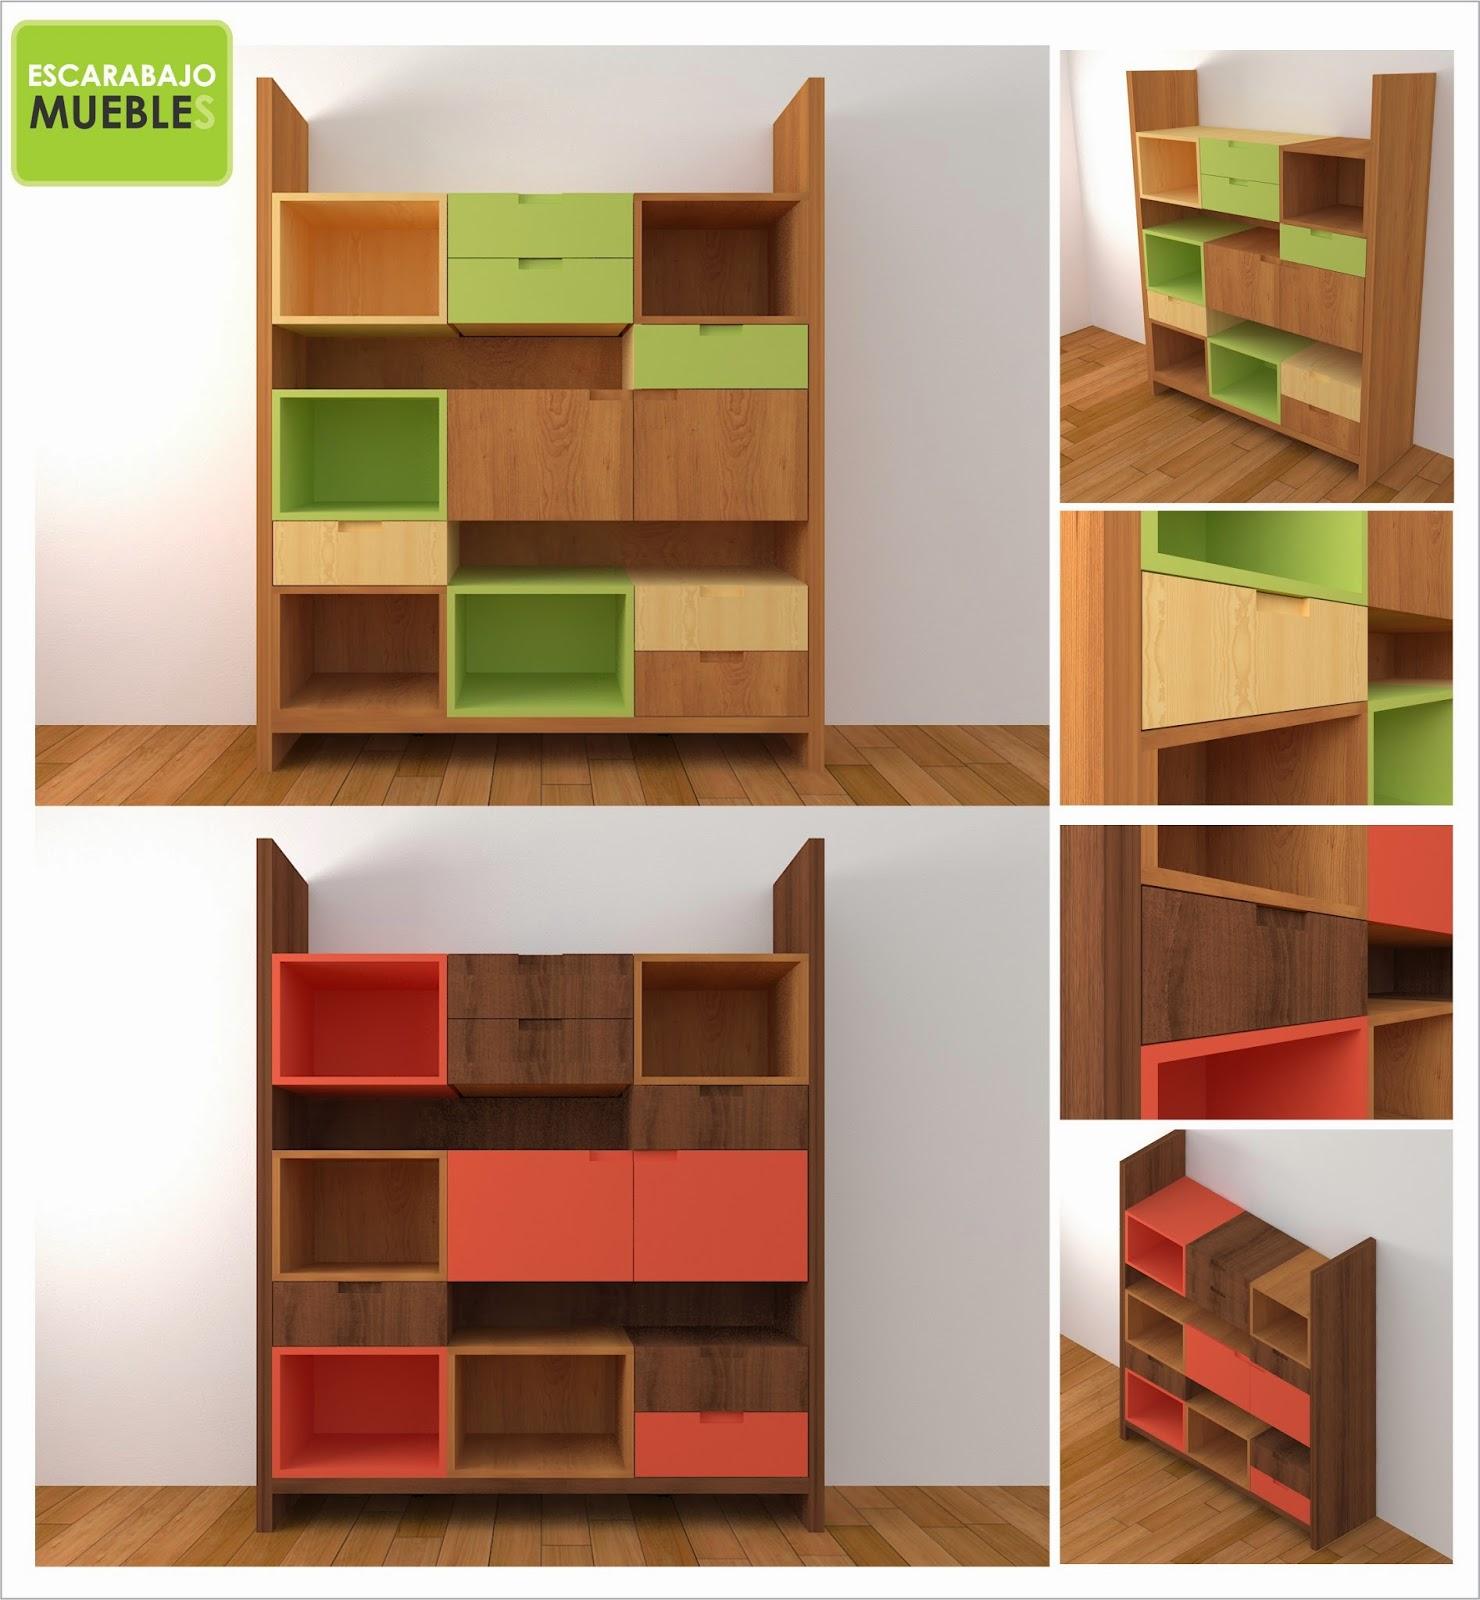 Linea collage escarabajo muebles for Compra de muebles en linea